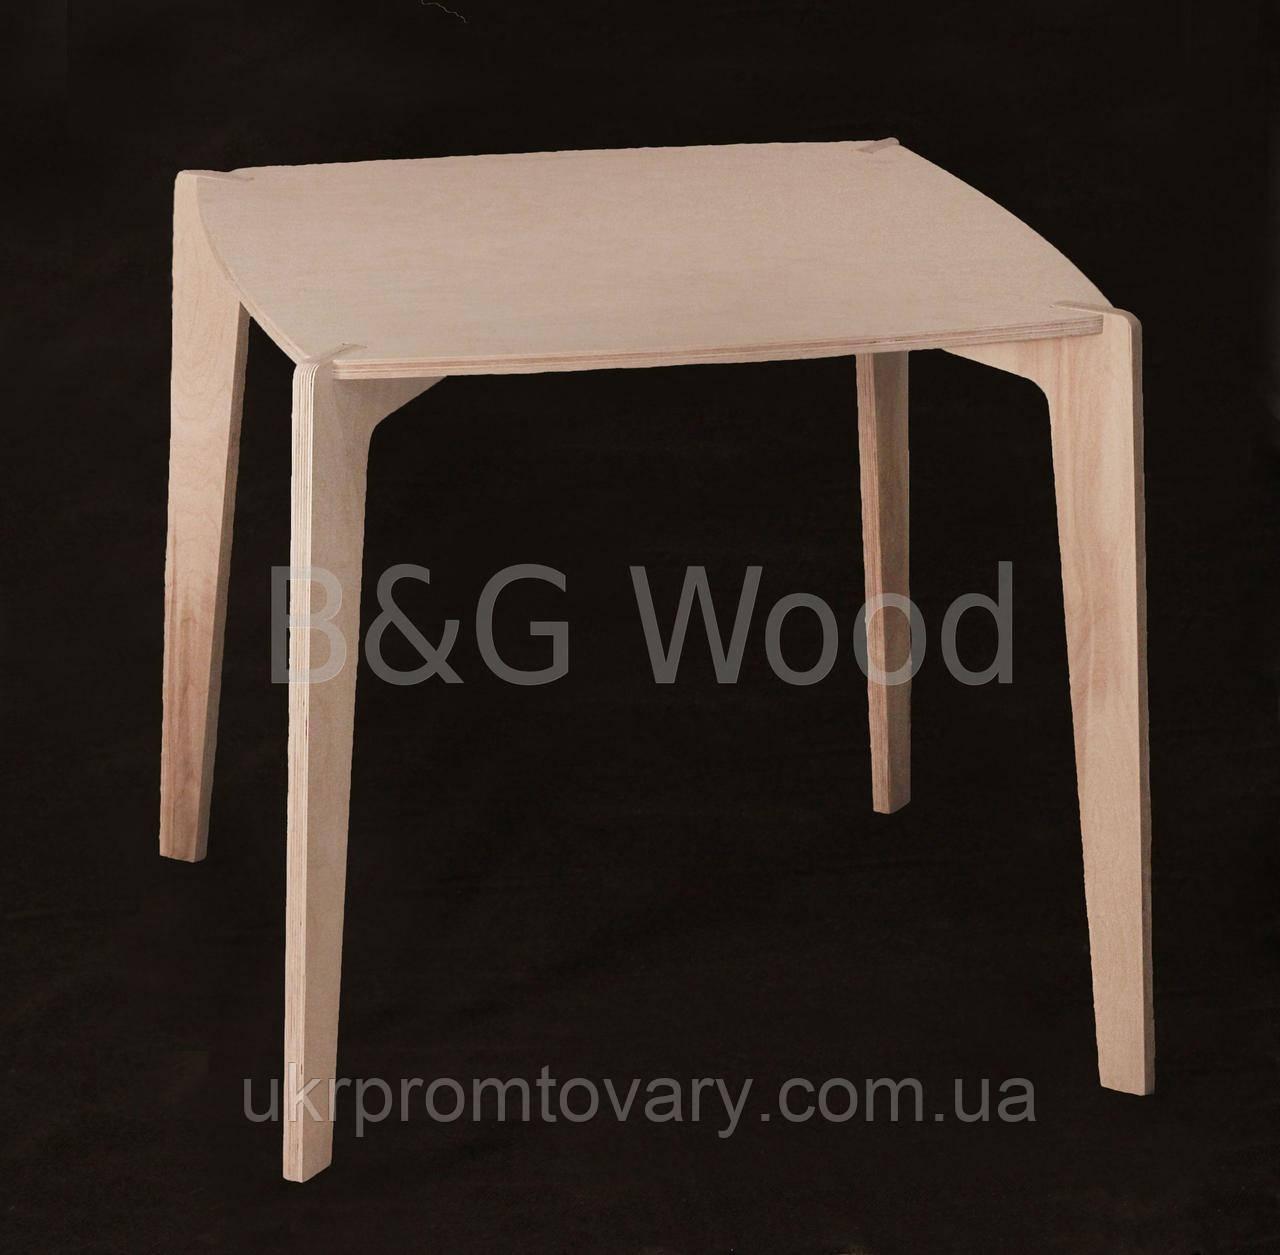 Стол Kevin, мебель SPORTMORE, натуральное дерево, фанера от производителя